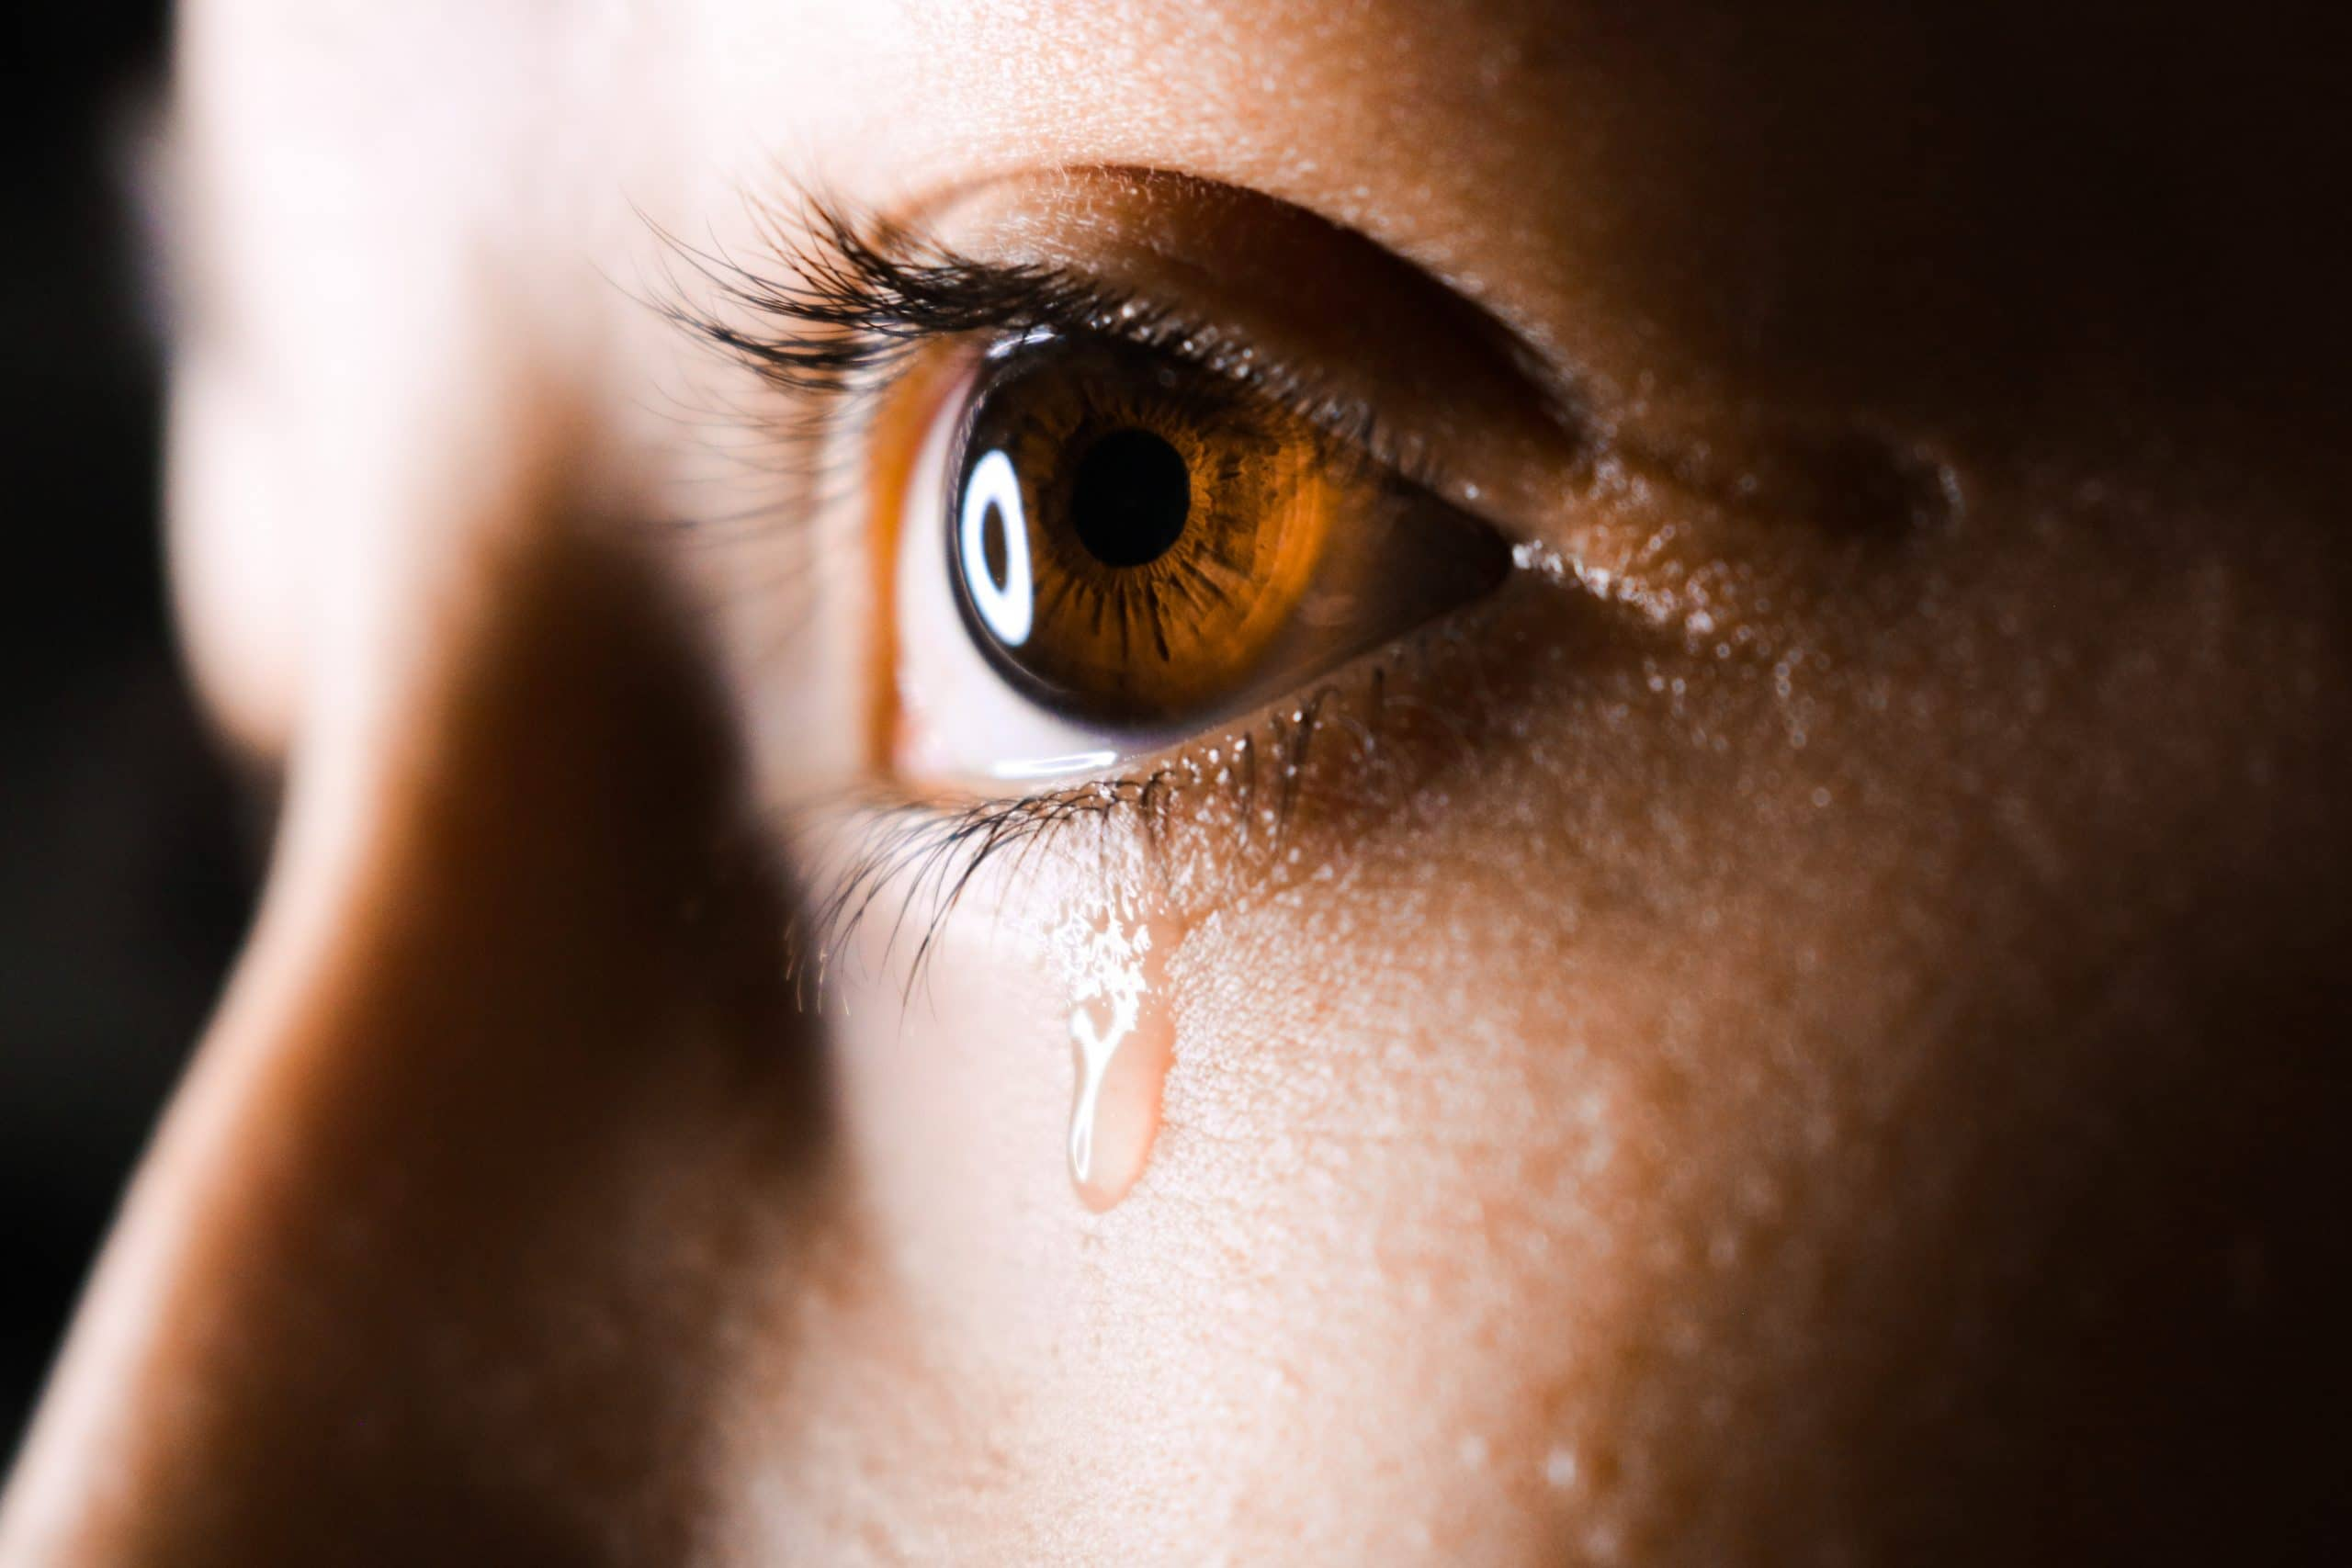 Olho com lágrima escorrendo